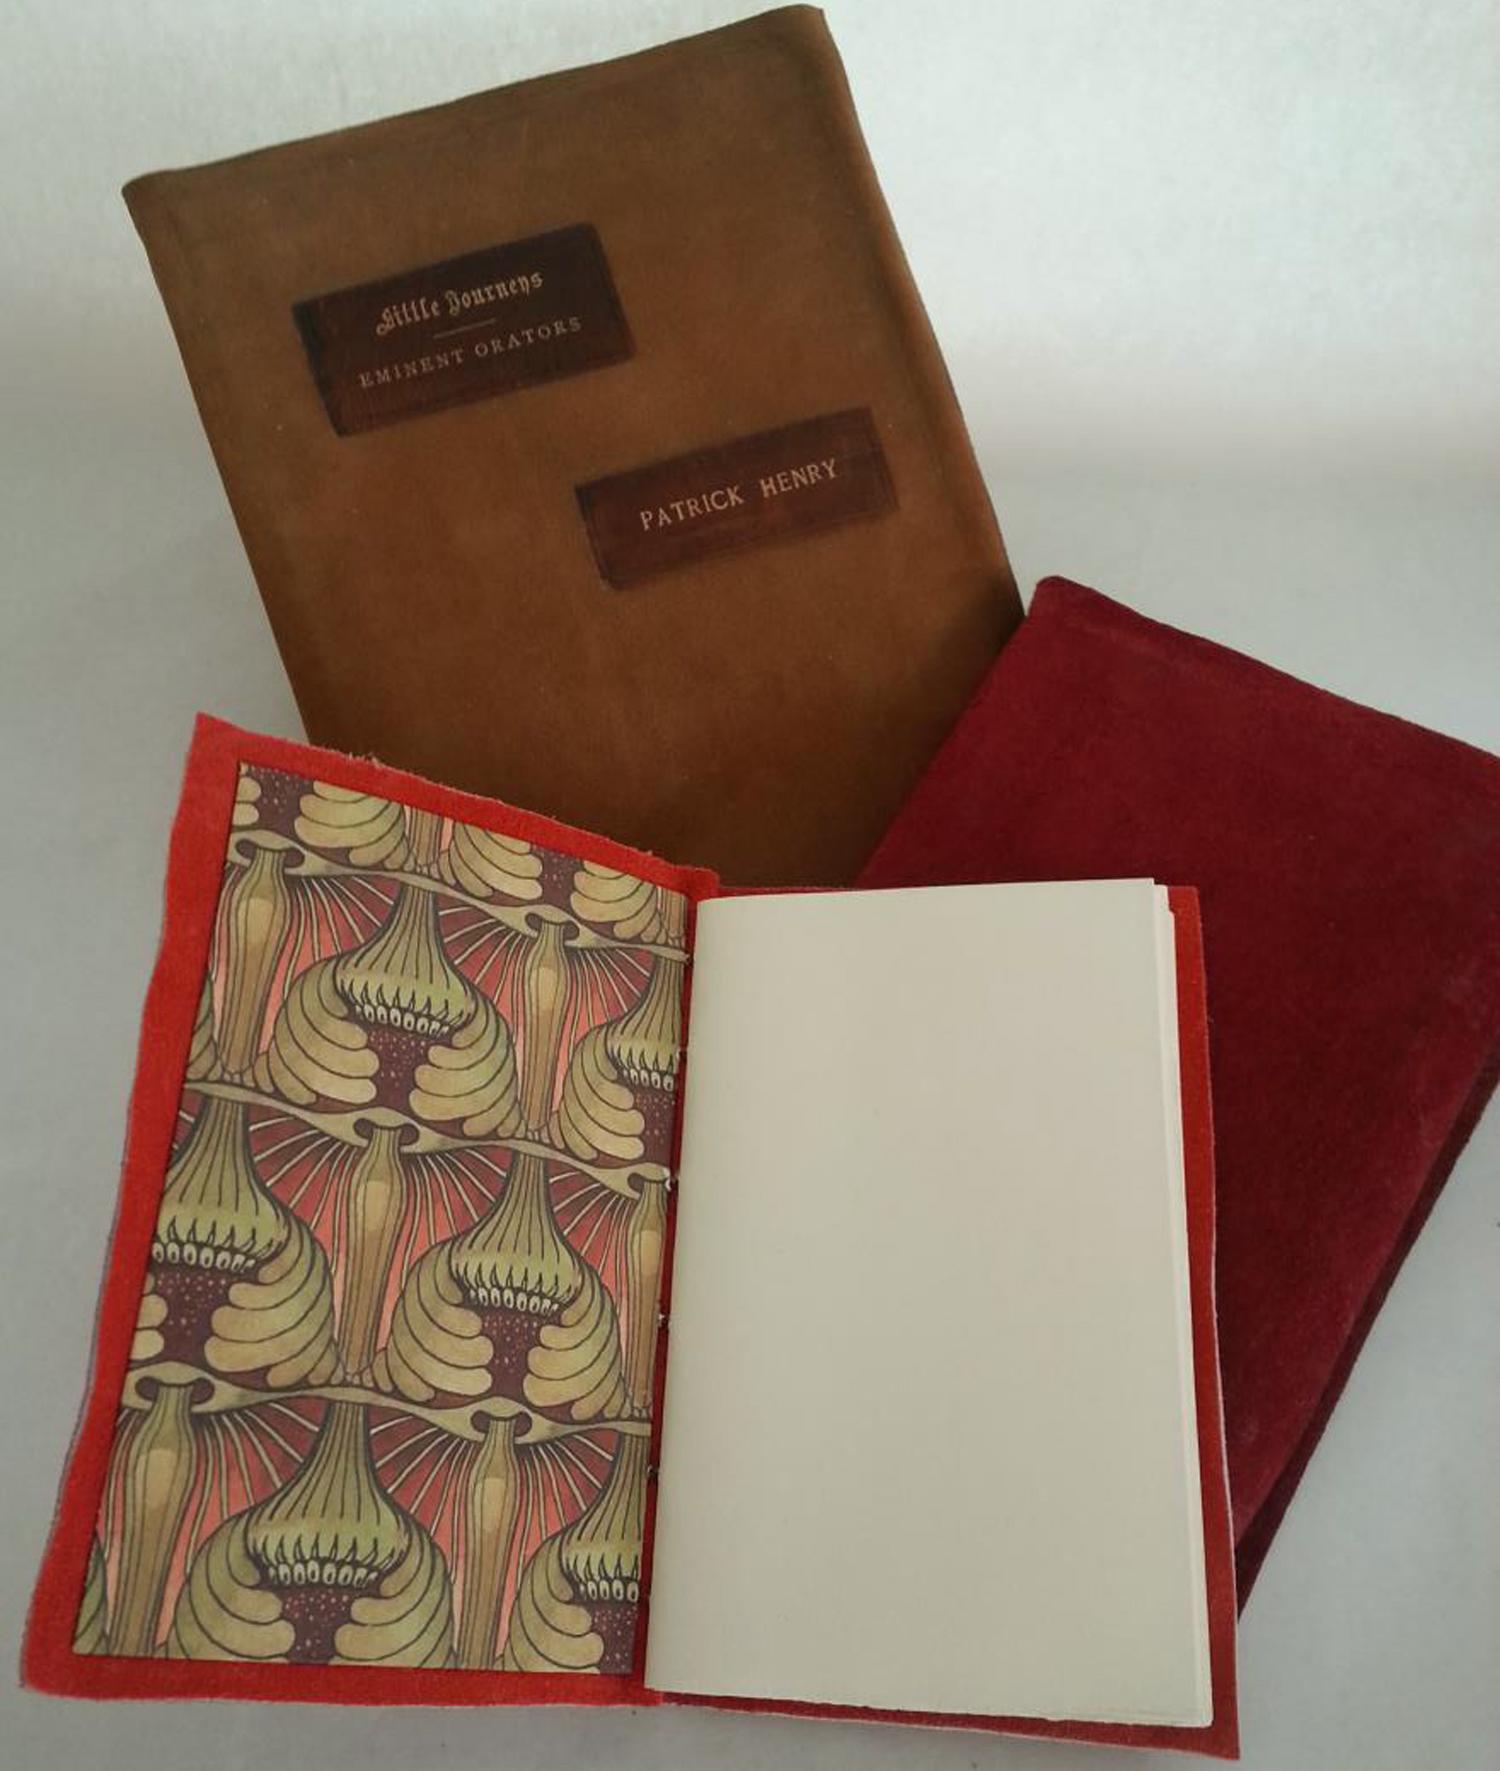 roycroft books.jpg